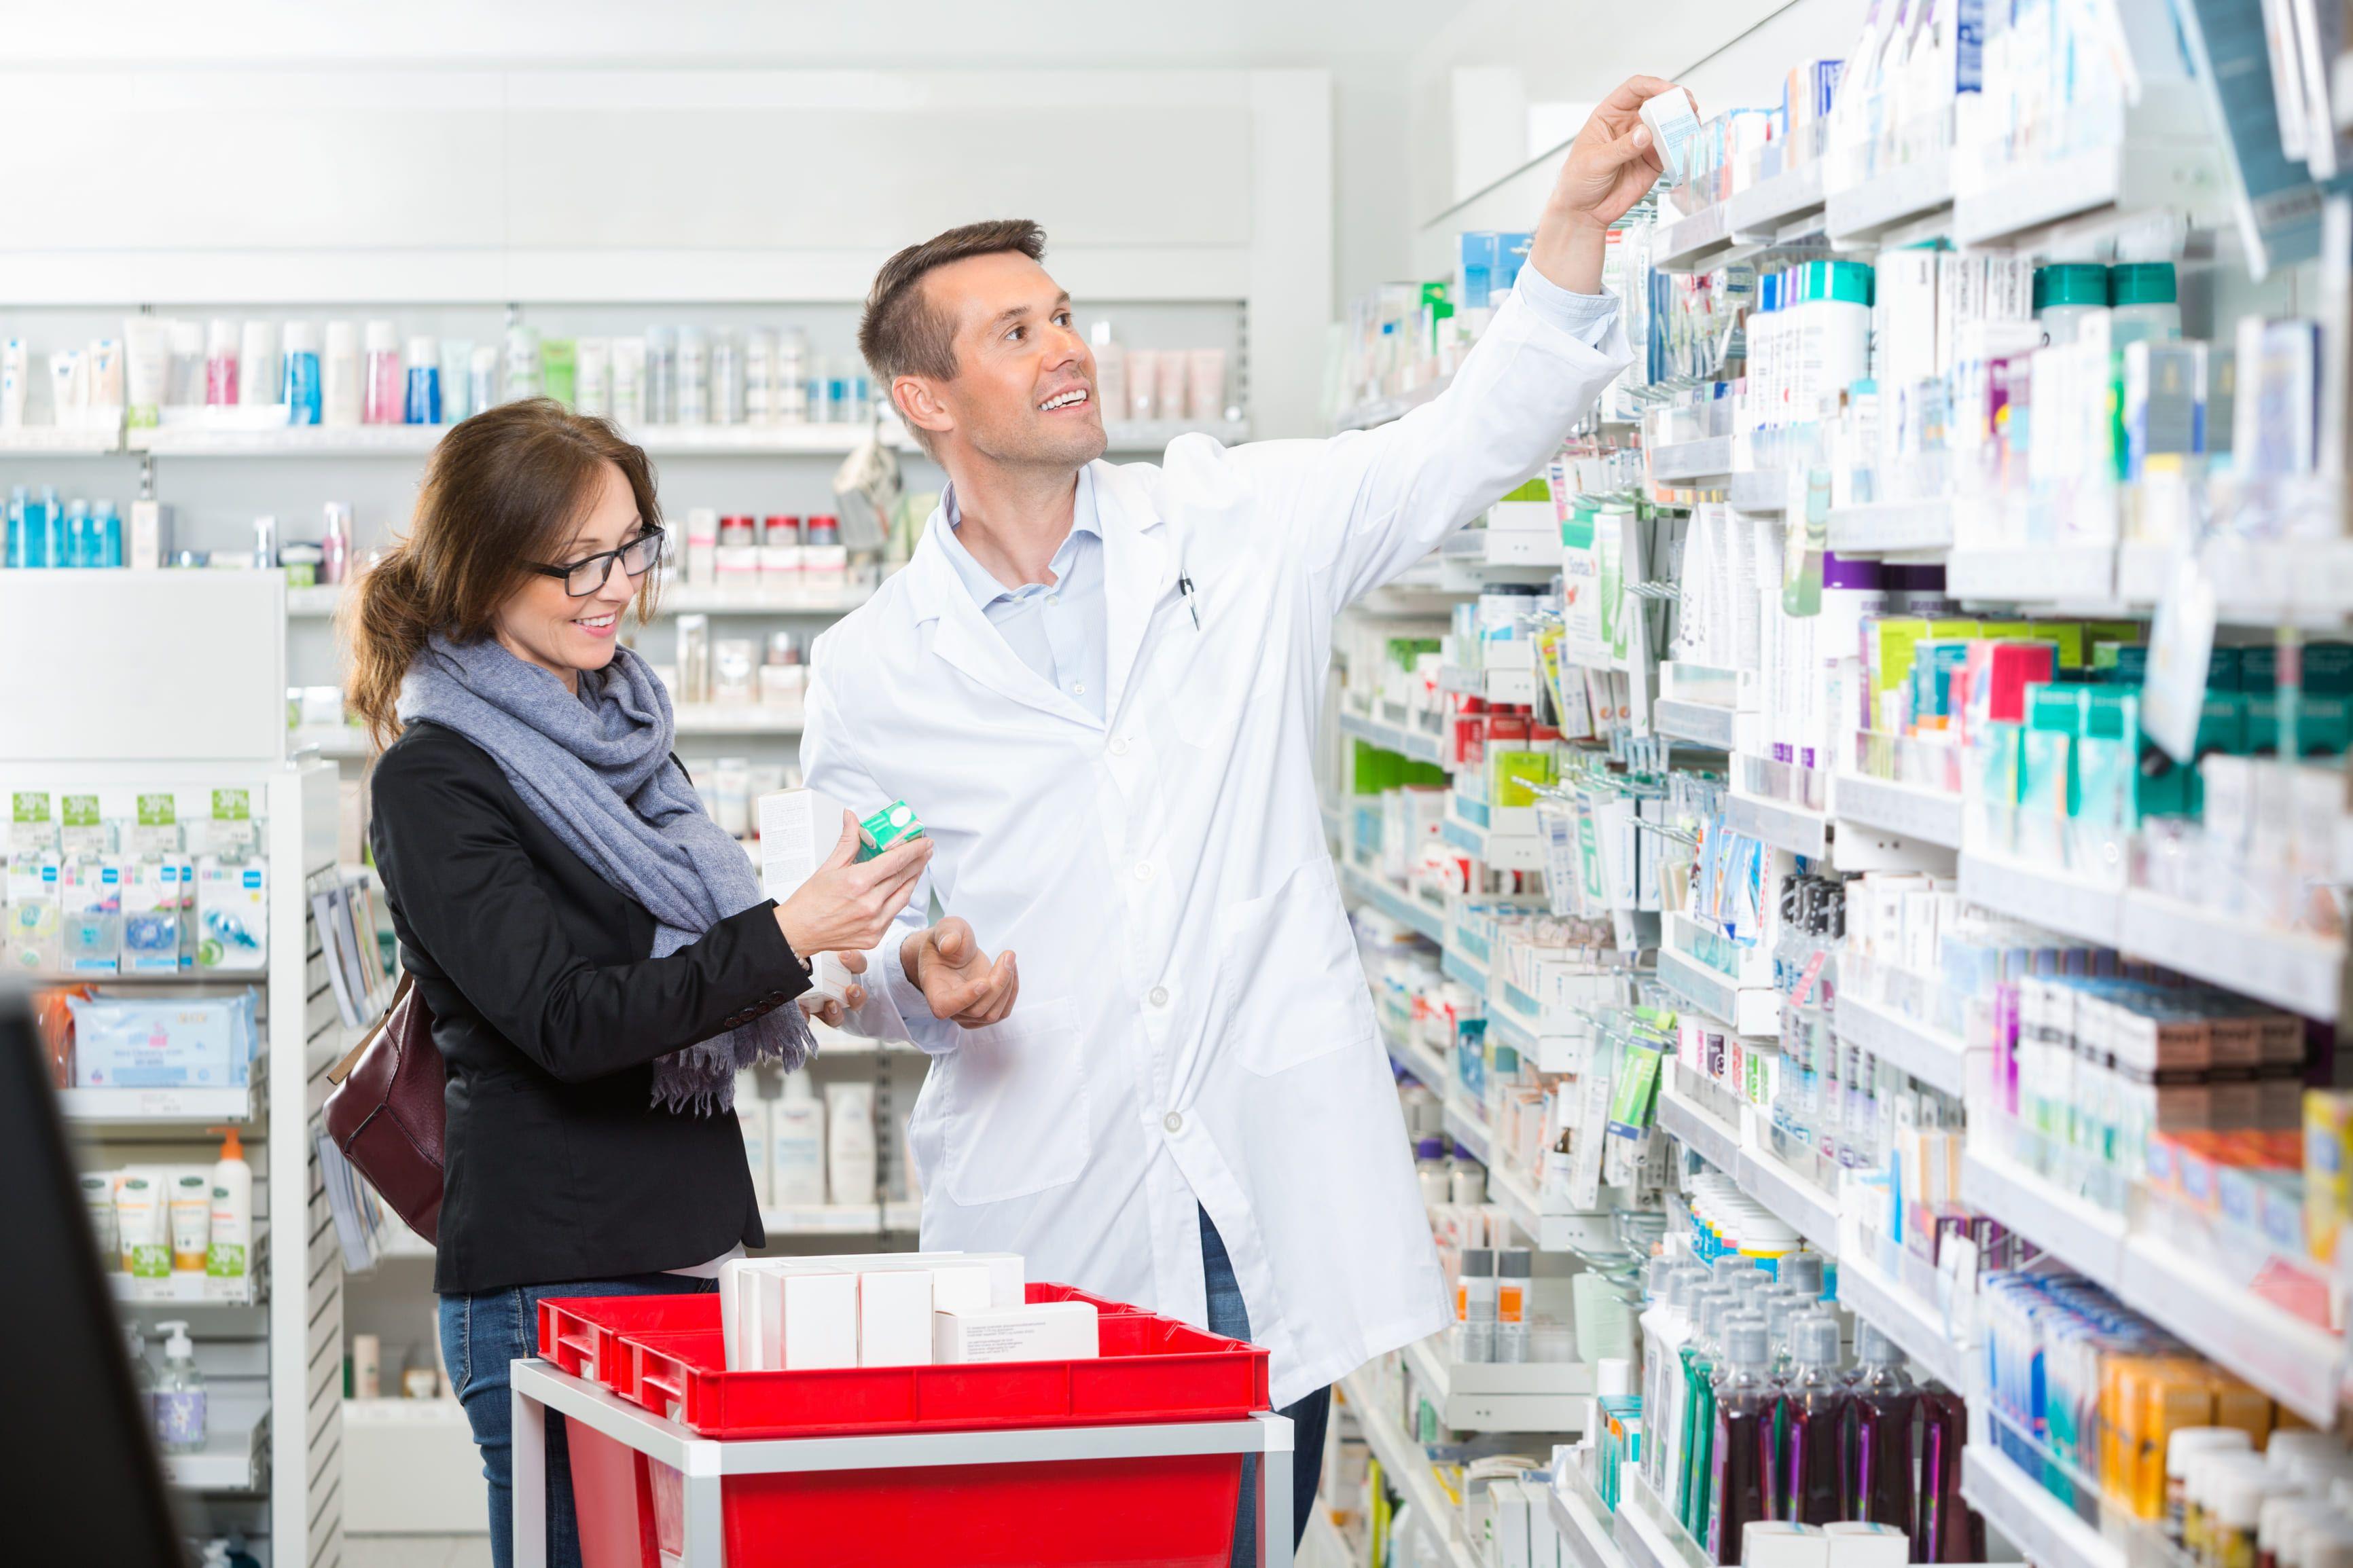 Quality Prescription Service and More